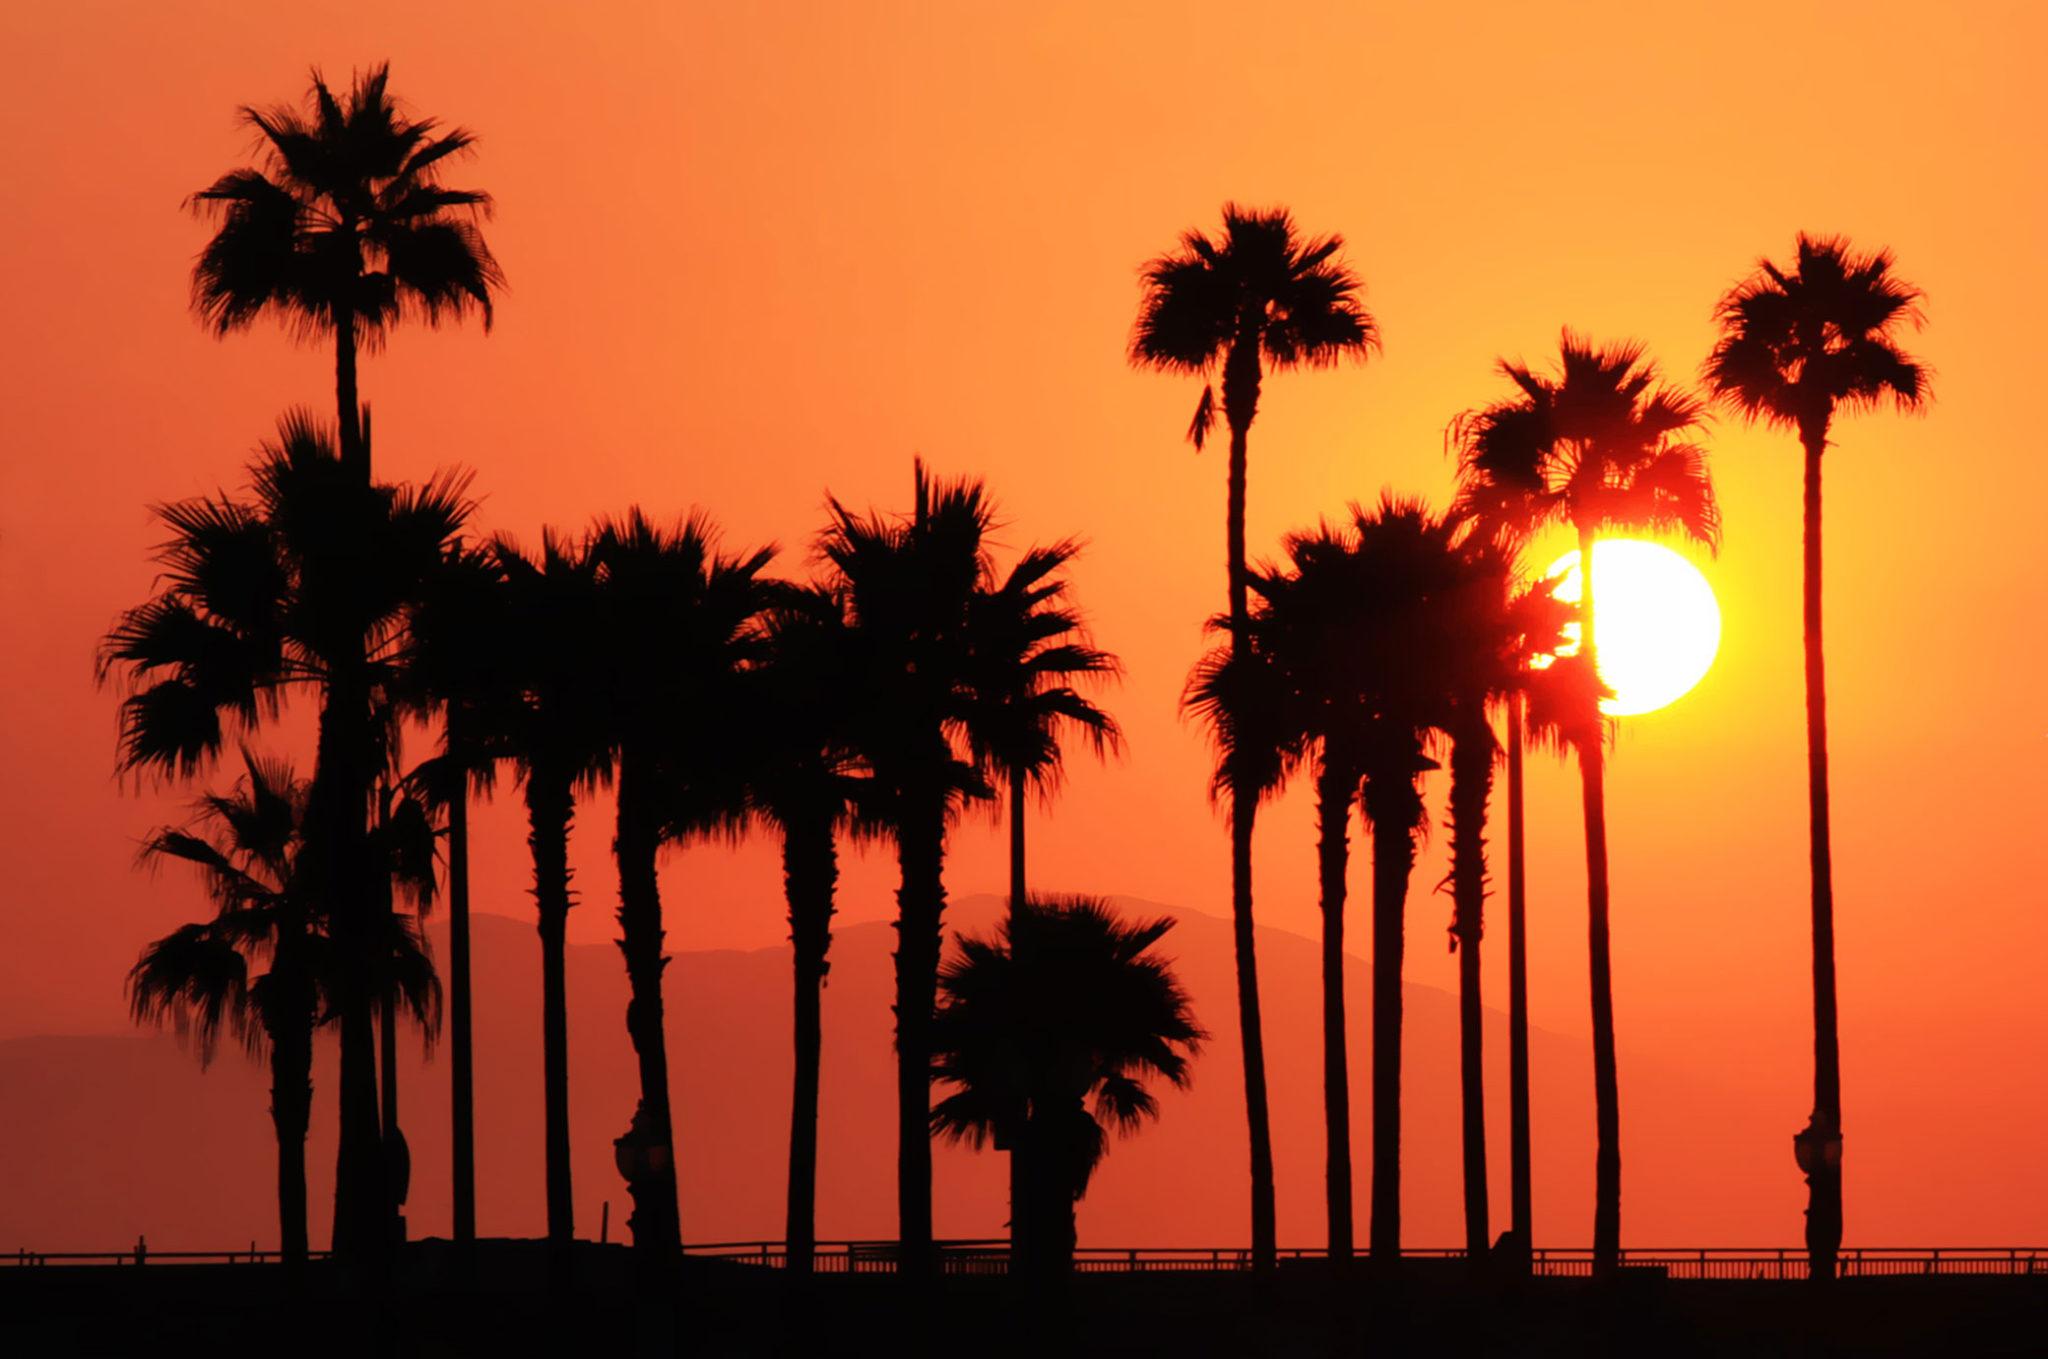 Решения, меняющие мир. Калифорния переходит на 100% ВИЭ к 2045 г.